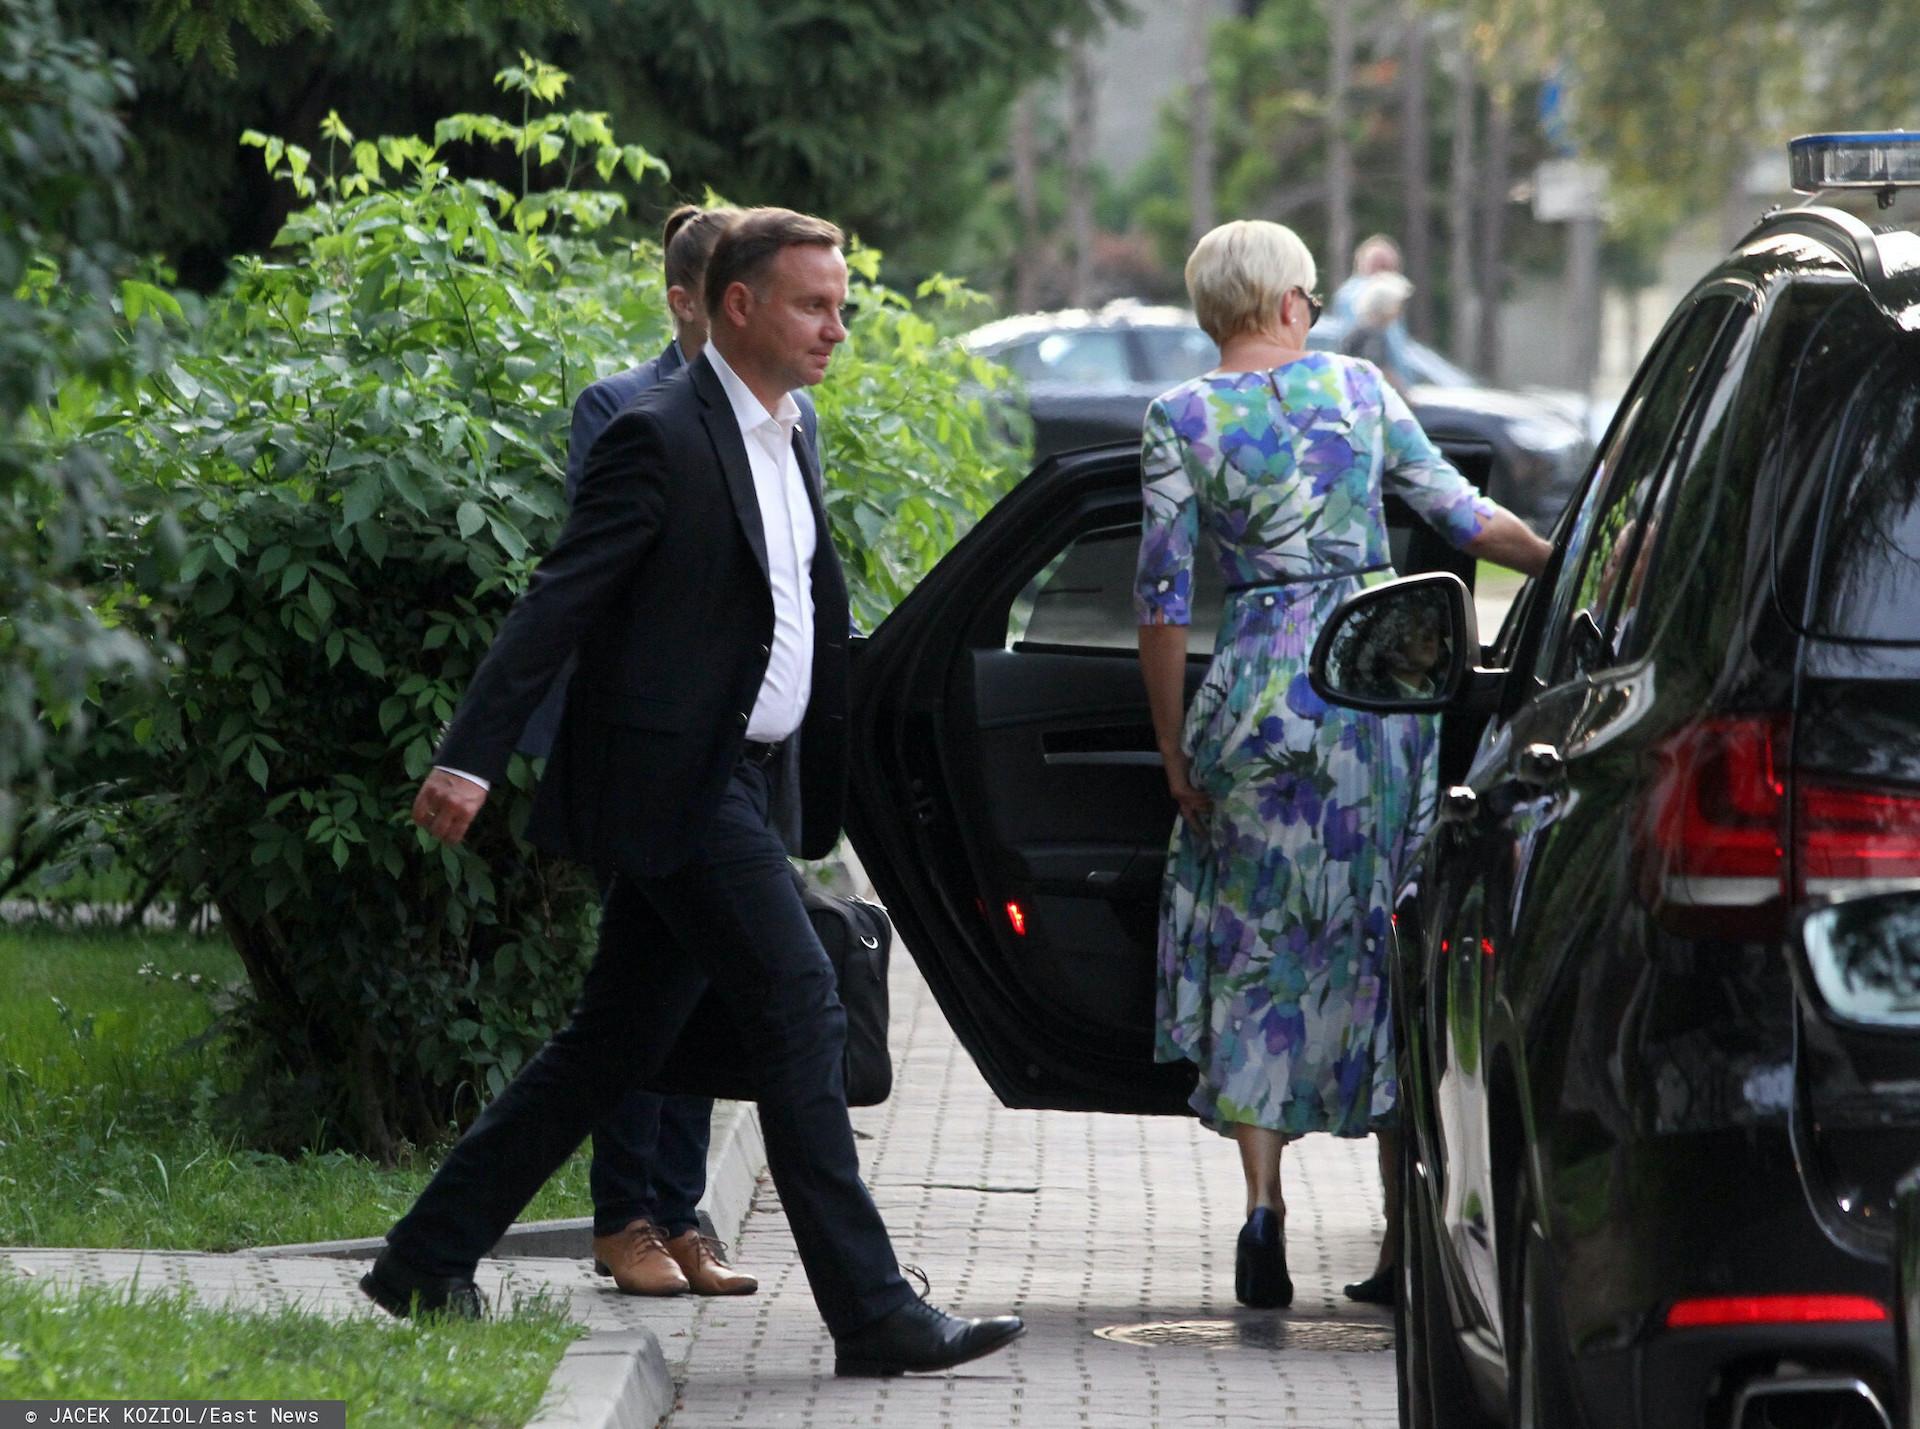 Prezydent Andrzej Duda rozpoczął urlop w Juracie nad Morzem Bałtyckim